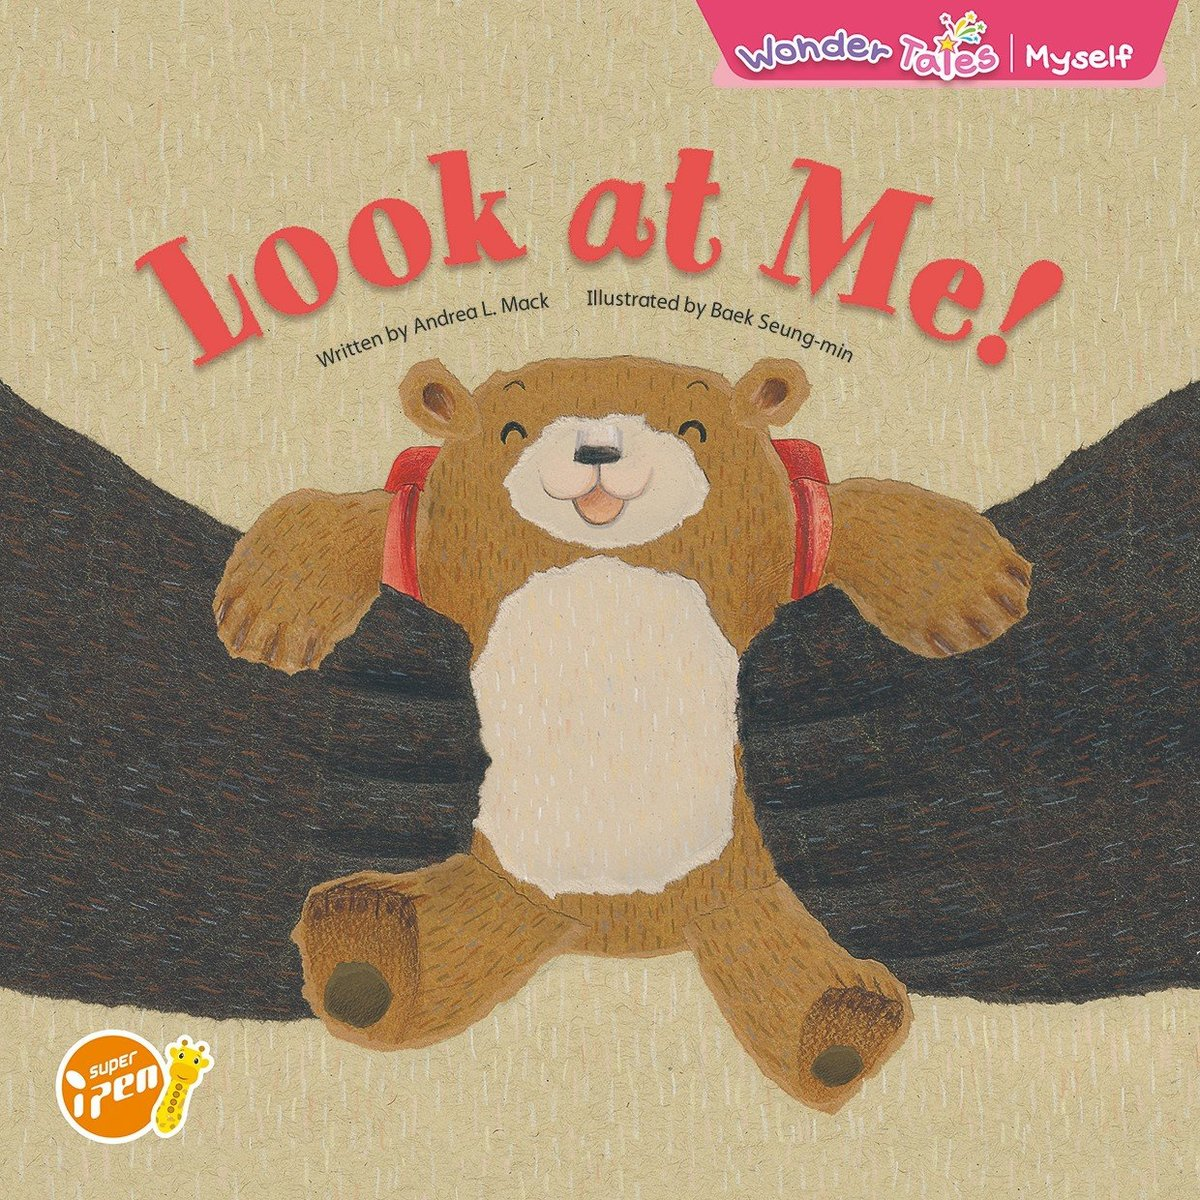 Wonder Tales 英文繪本 (K1)—Look at Me!